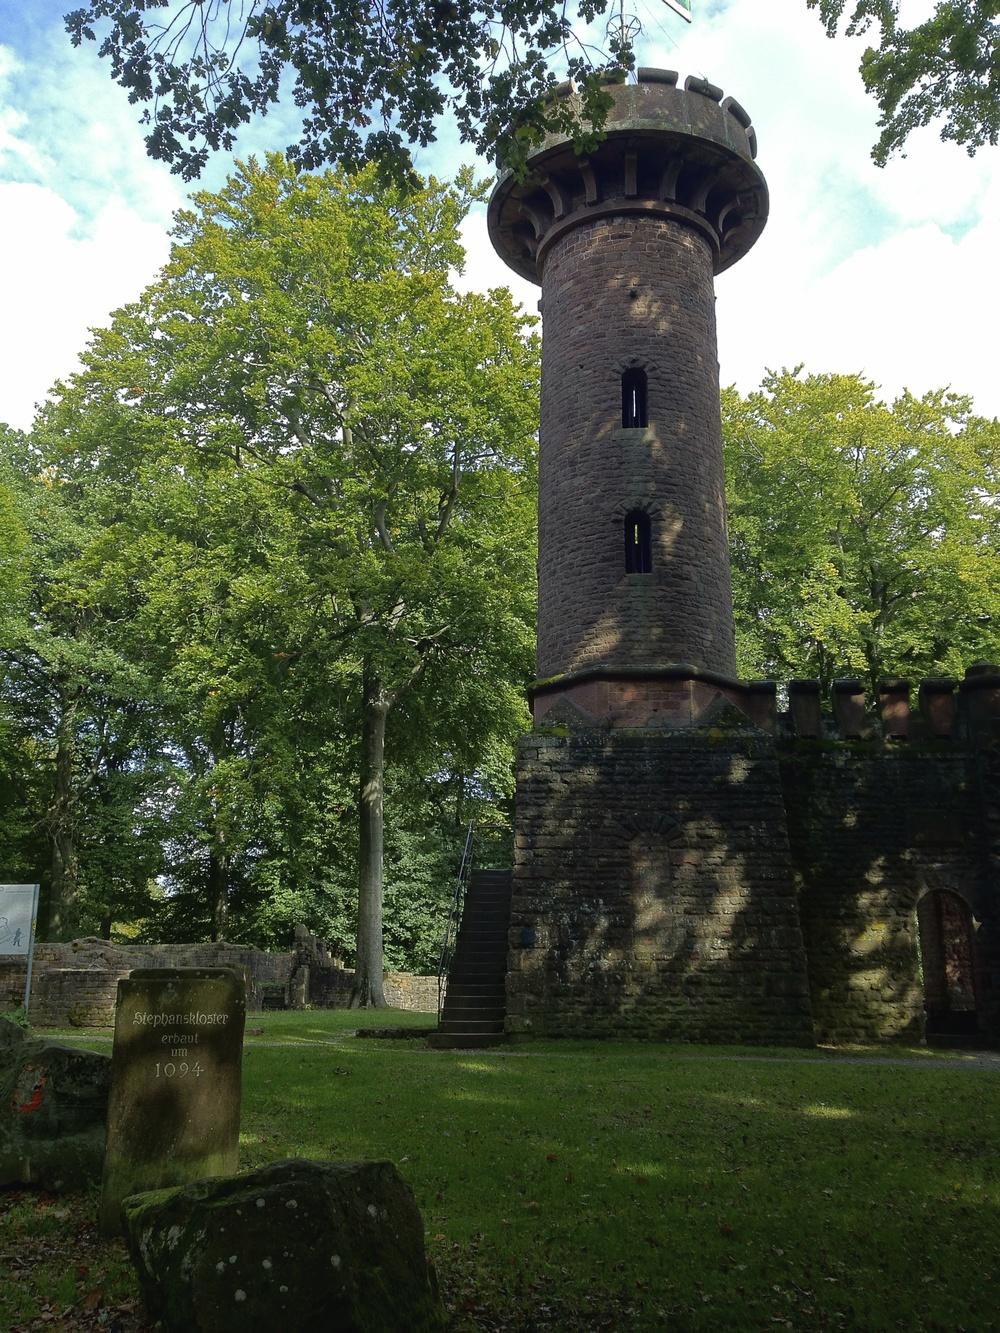 Stephanskloster